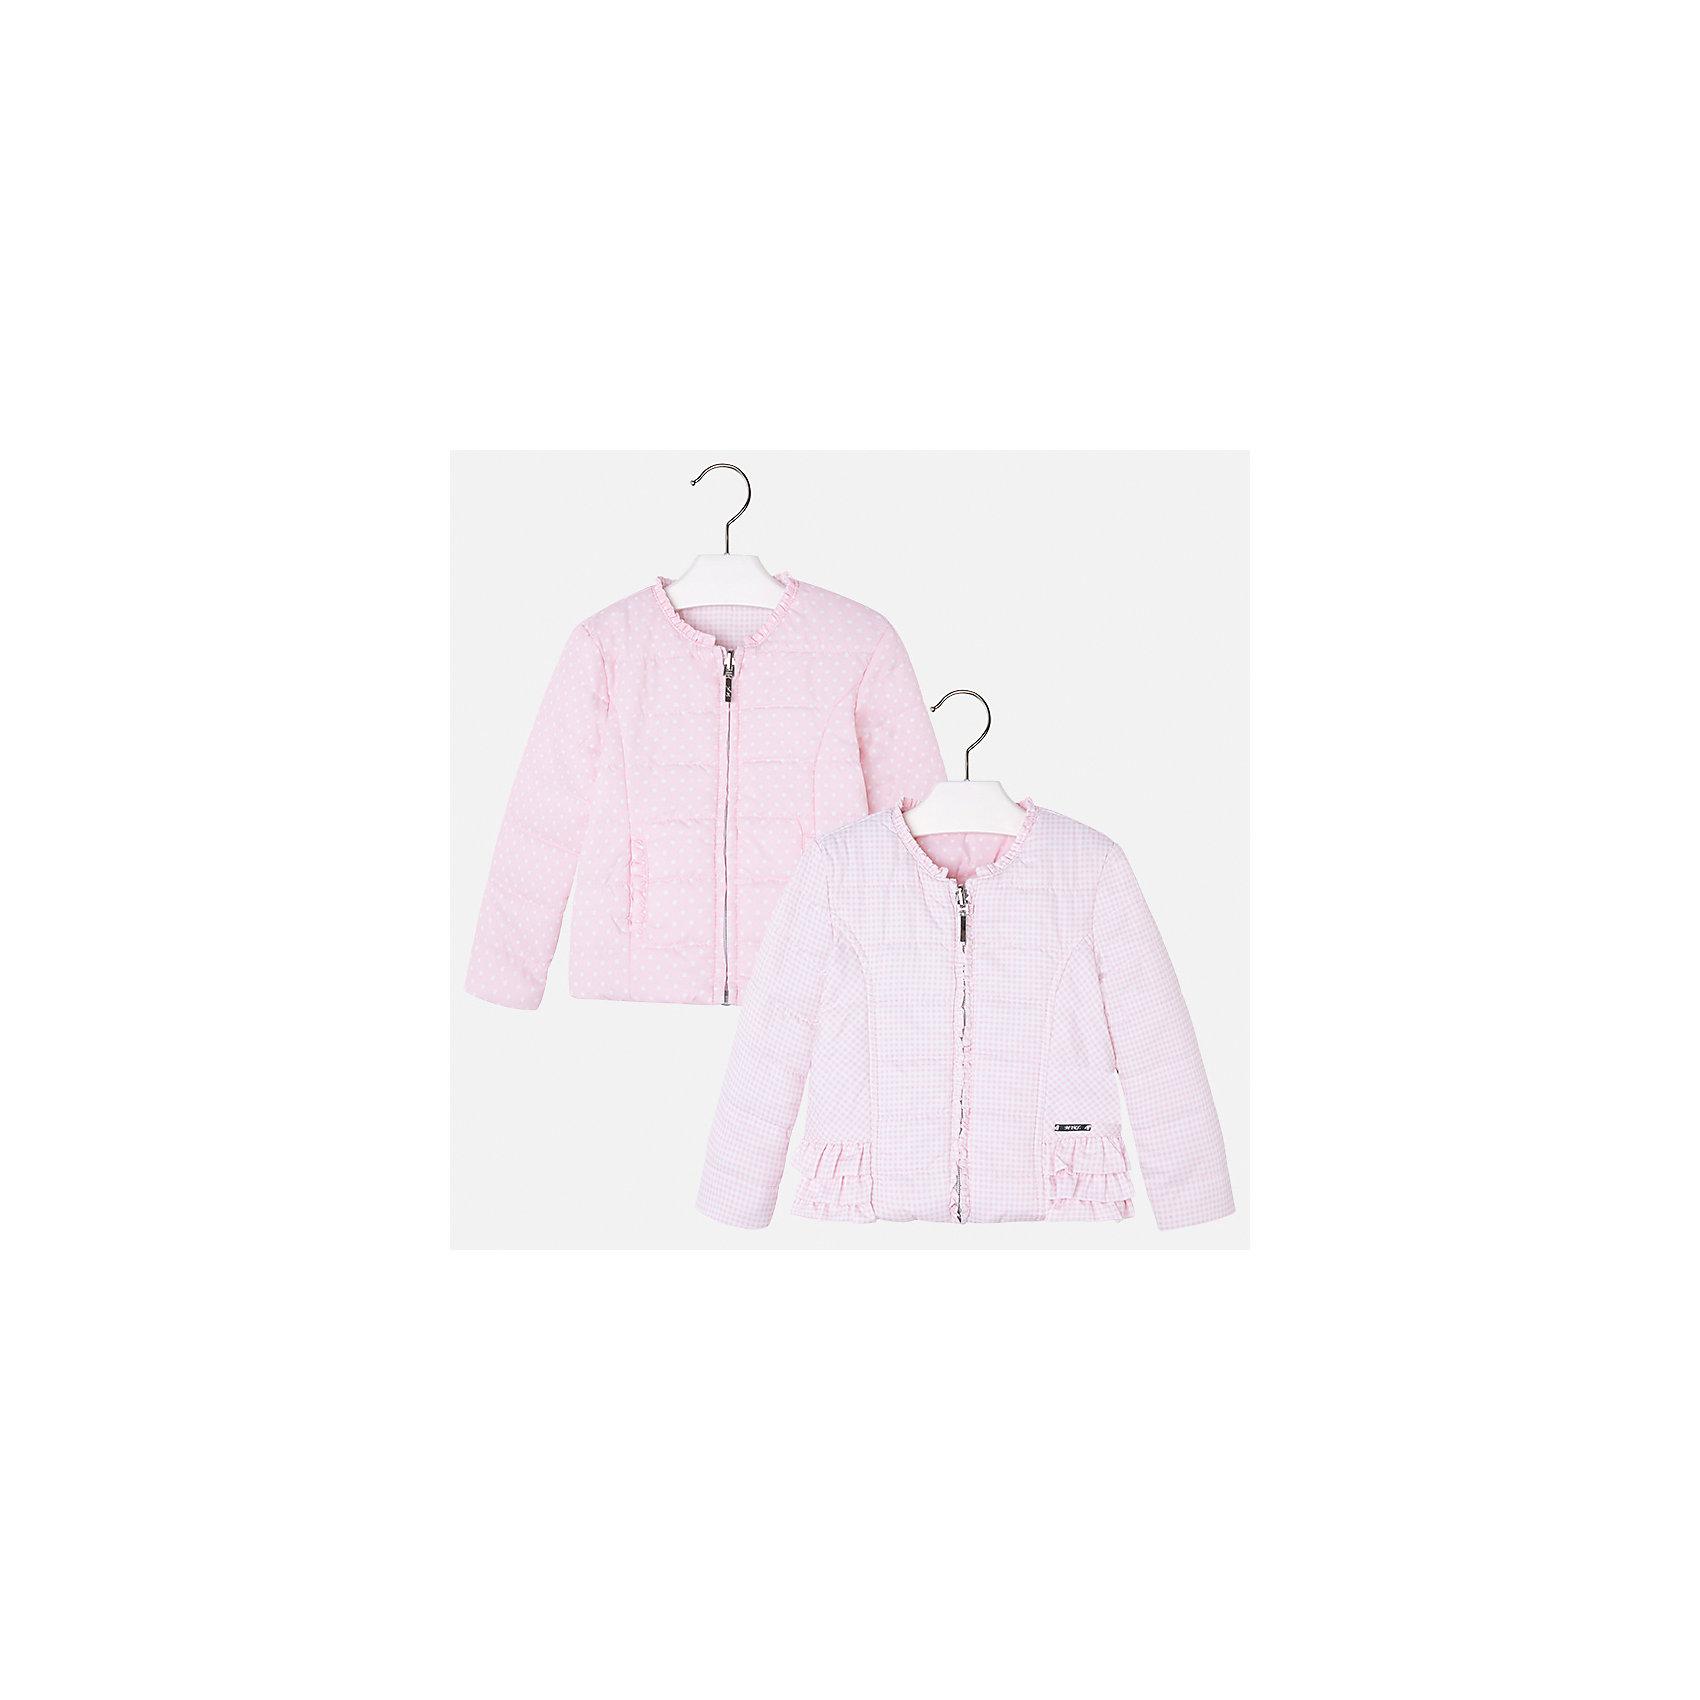 Ветровка двухсторонняя для девочки MayoralВерхняя одежда<br>Характеристики товара:<br><br>• цвет: розовый<br>• состав: 100% полиэстер<br>• температурный режим: от +10°С<br>• застежка: молния<br>• оборка на вороте<br>• с длинными рукавами <br>• двухсторонняя<br>• одна сторона украшена воланами<br>• страна бренда: Испания<br><br>Стильная легкая ветровка для девочки поможет разнообразить гардероб ребенка и украсить наряд. Уникальна модель тем, что её можно вывернуть - и в распоряжении ребенка еще одна куртка, выполненная в другом стиле!  Интересная отделка модели делает её нарядной и стильной.<br><br>Ветровку для девочки от испанского бренда Mayoral (Майорал) можно купить в нашем интернет-магазине.<br><br>Ширина мм: 356<br>Глубина мм: 10<br>Высота мм: 245<br>Вес г: 519<br>Цвет: фиолетовый<br>Возраст от месяцев: 18<br>Возраст до месяцев: 24<br>Пол: Женский<br>Возраст: Детский<br>Размер: 92,134,128,122,116,110,104,98<br>SKU: 5290233